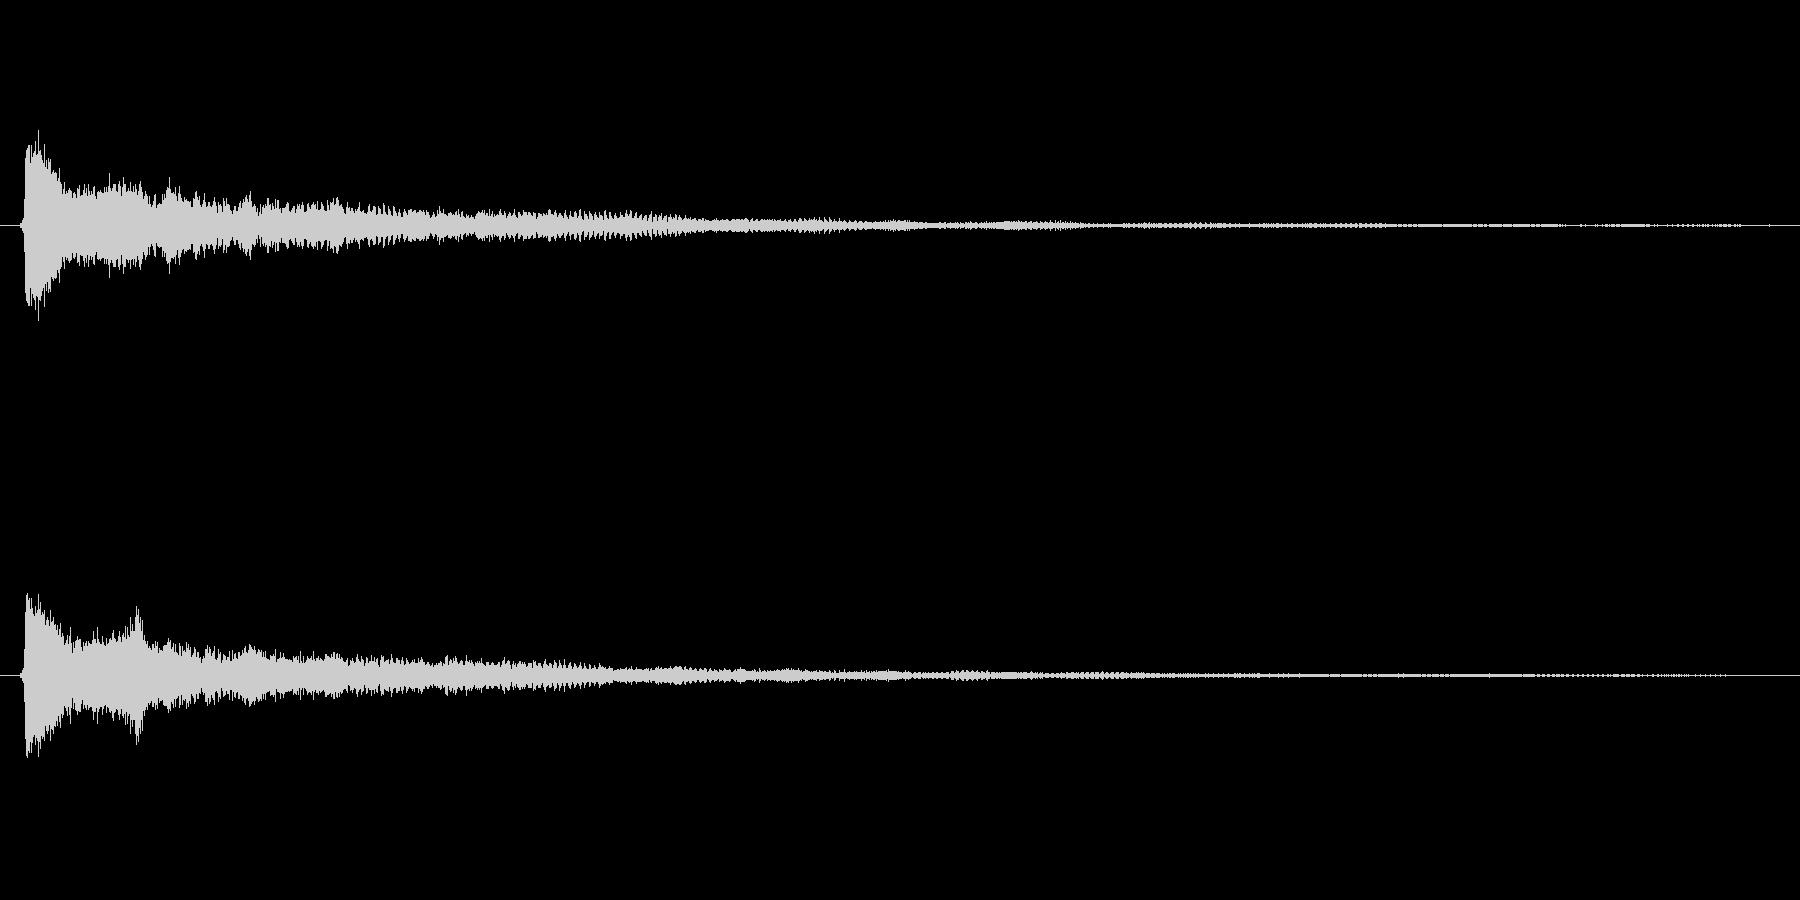 美しいベルのような効果音(ボタン、通知)の未再生の波形